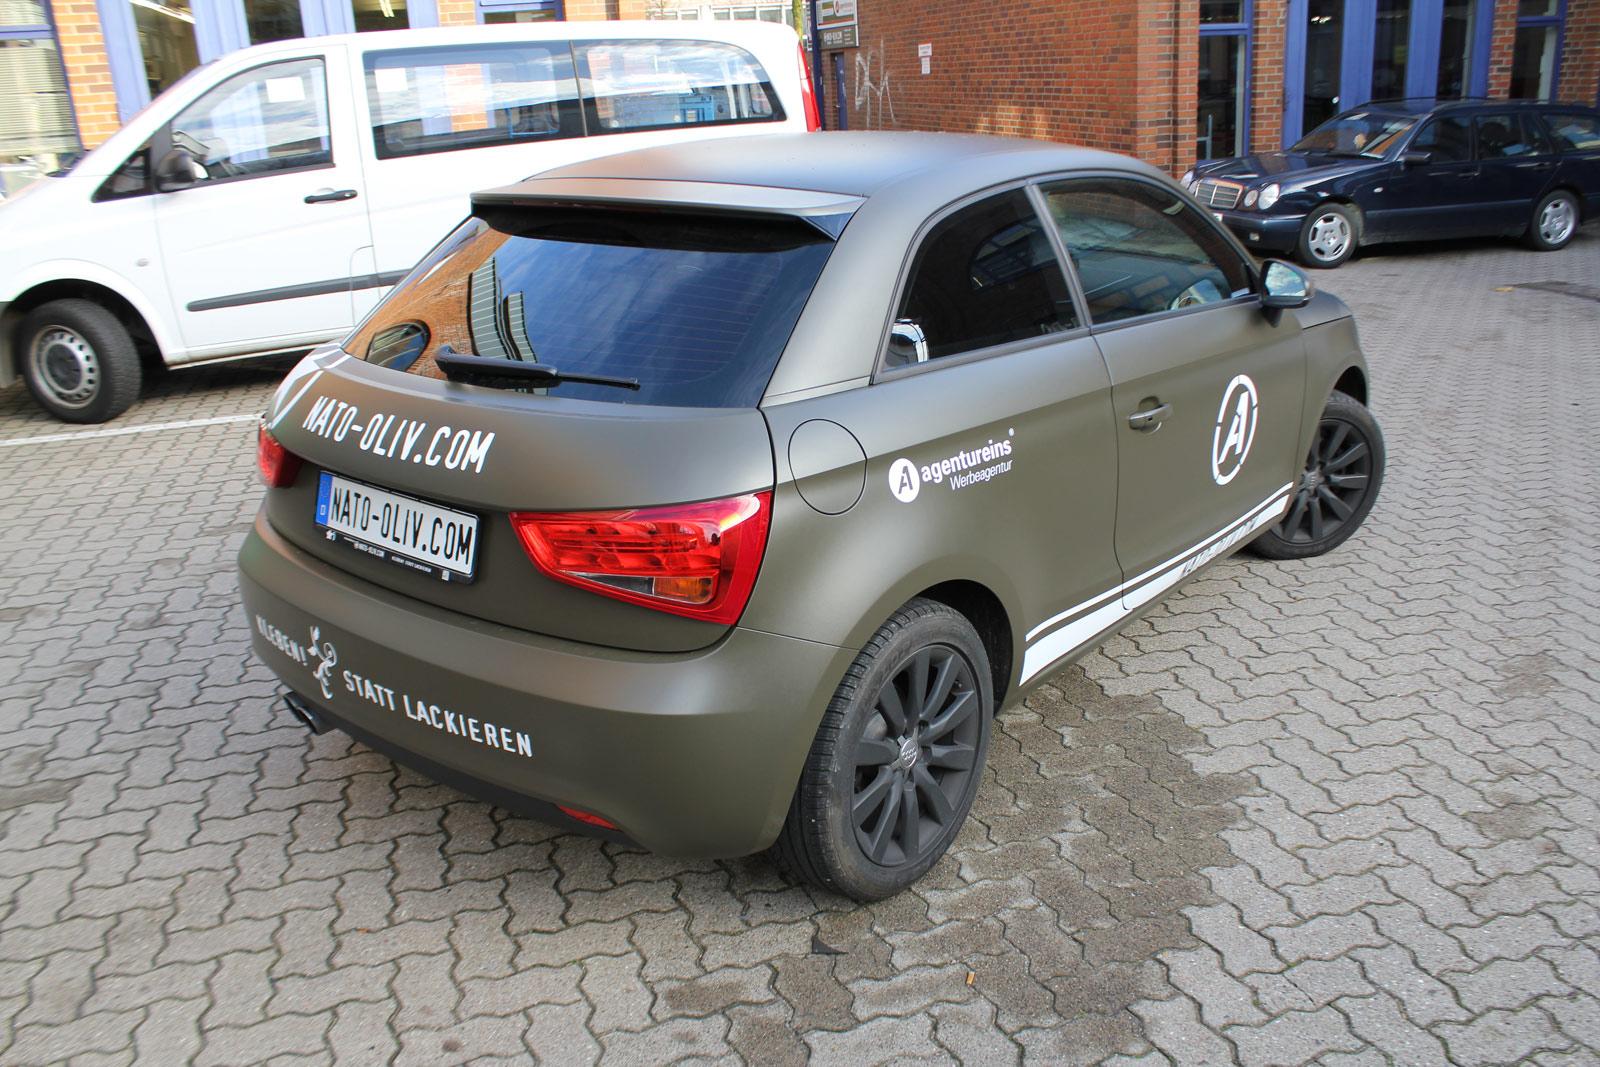 Audi_A1_Nato-oliv_Matt_Steinschlagschutz_32